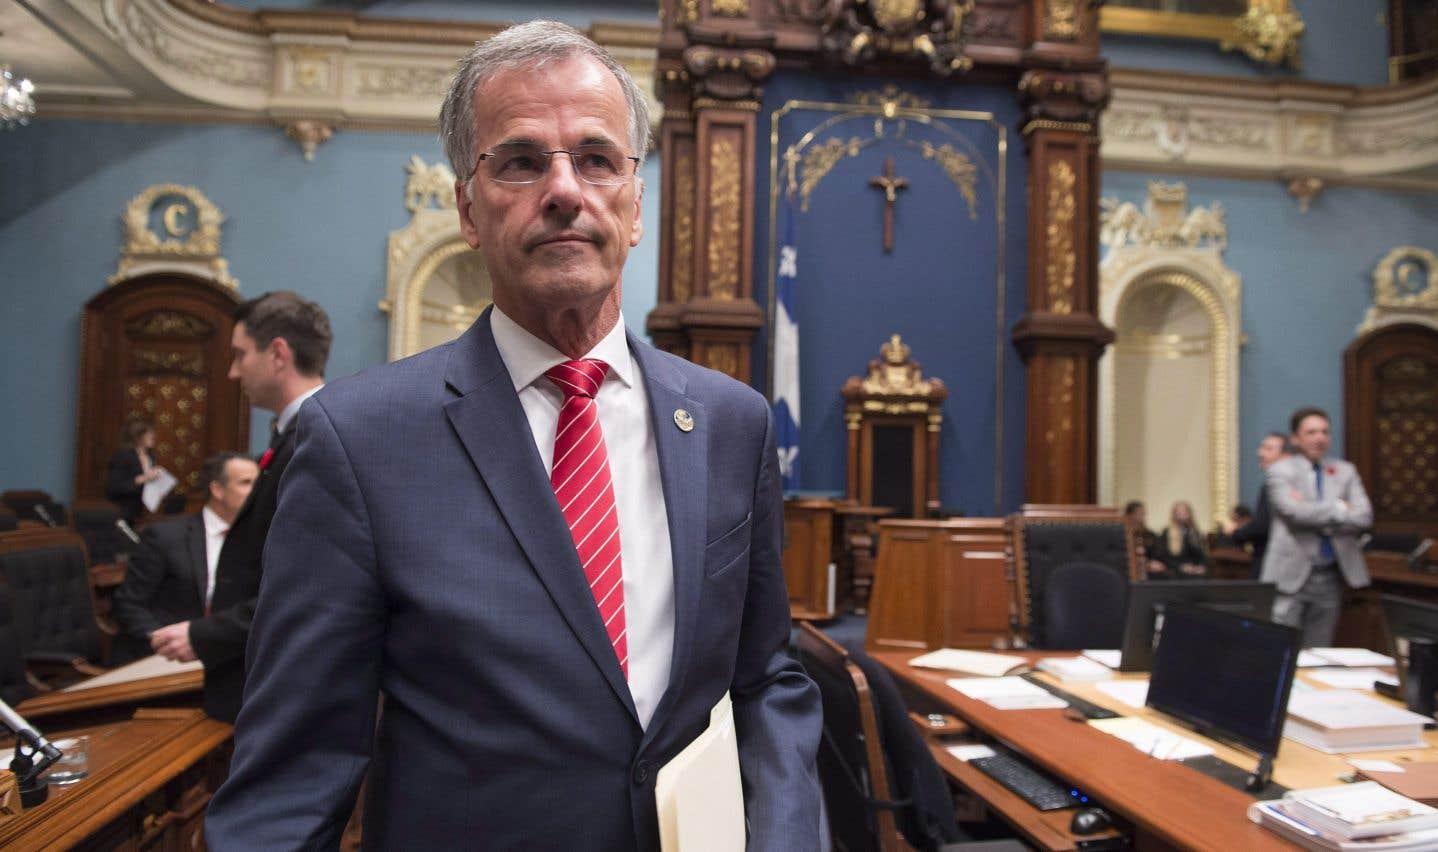 Guy Ouellette et l'UPAC: Moreau rabroue le président de l'Assemblée nationale